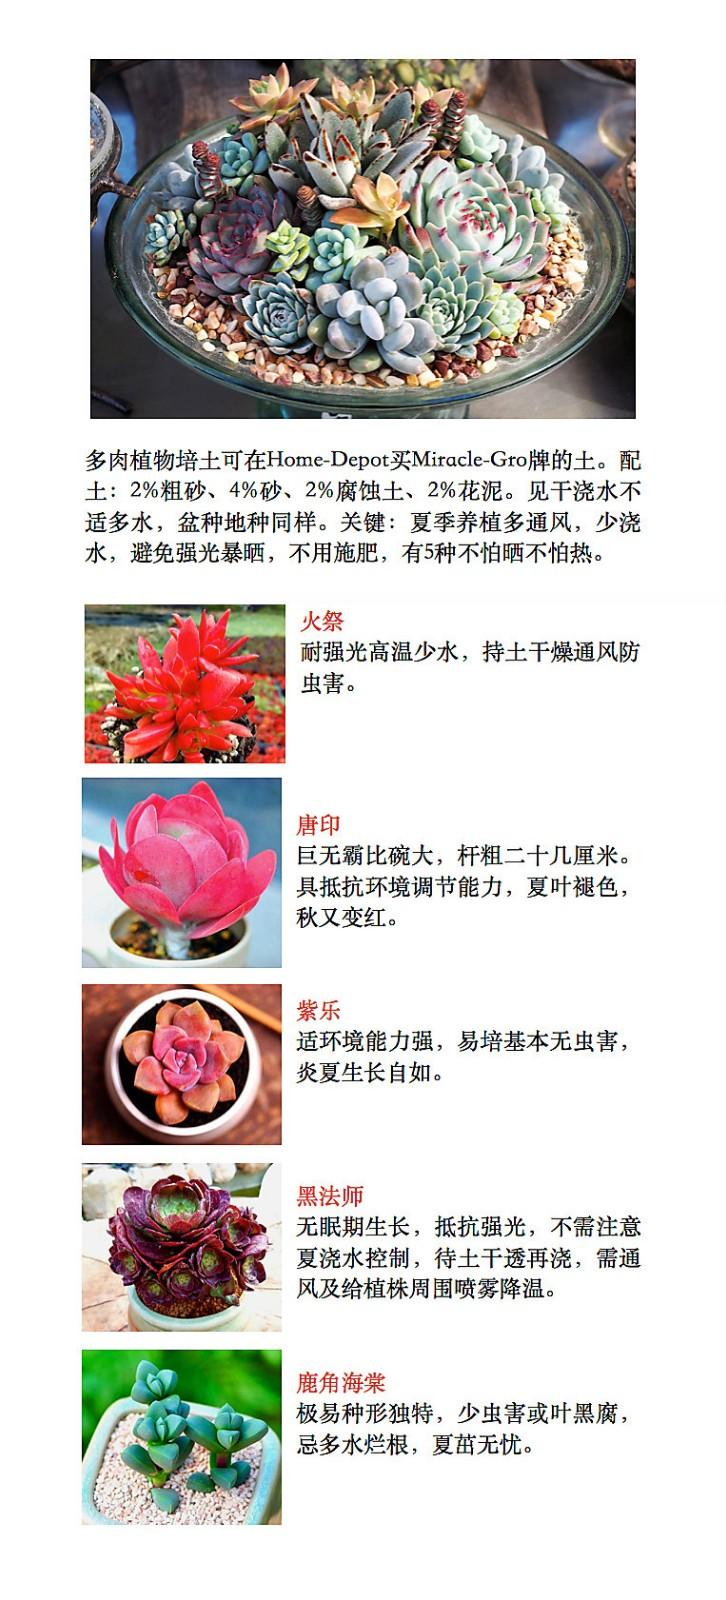 【晓鸣诗歌】五绝.玉蝶石莲花_图1-2